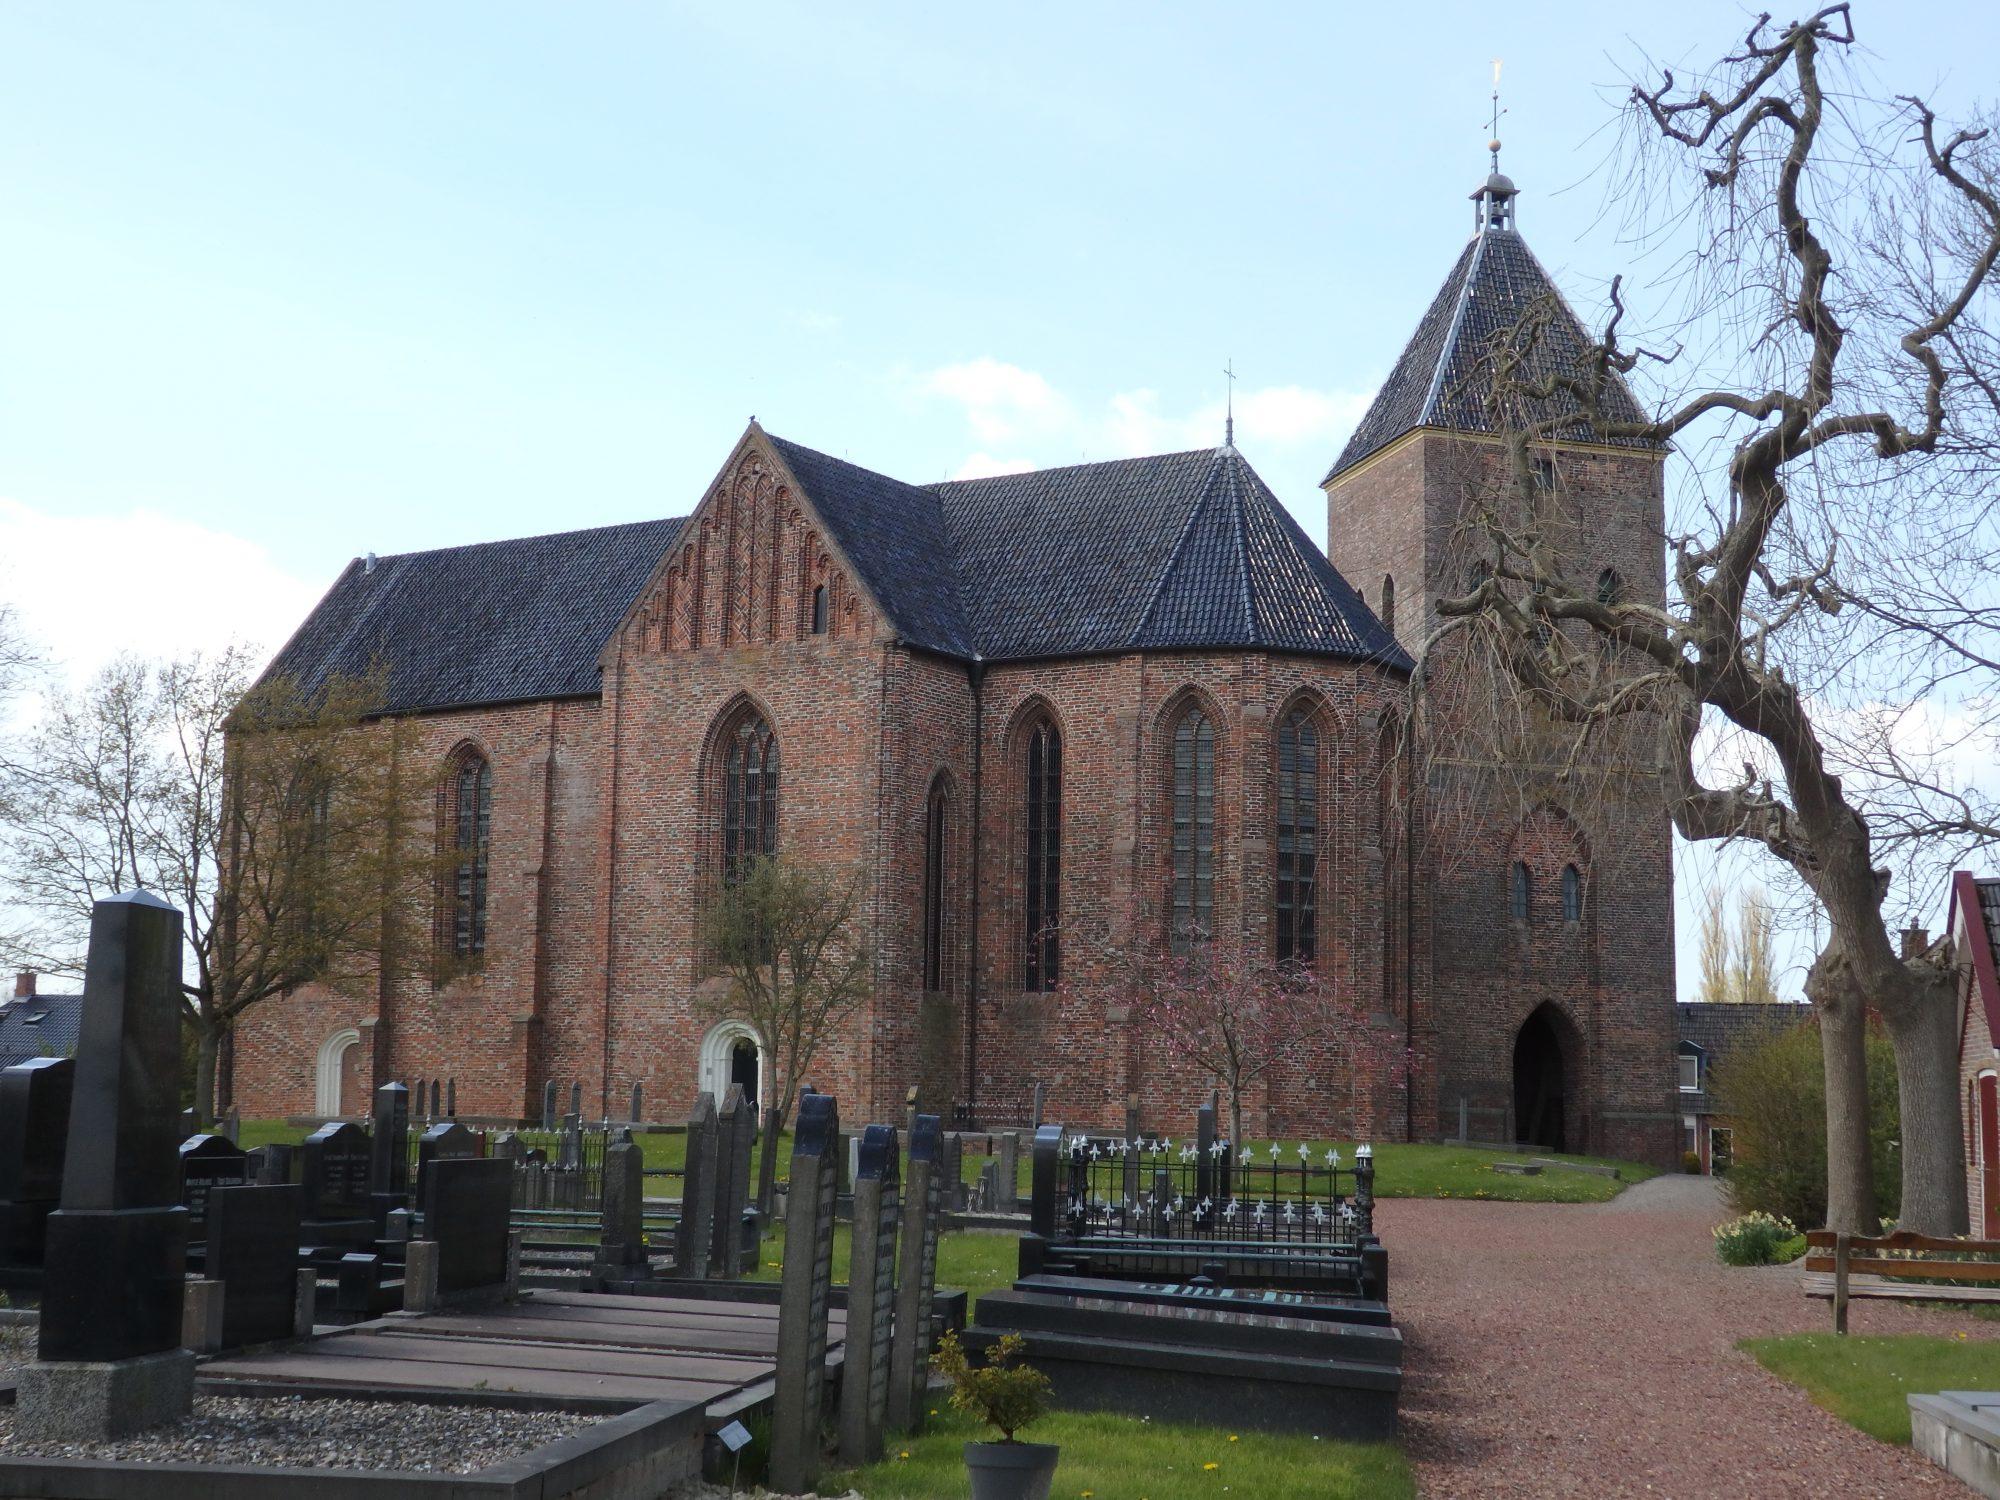 Zeerijp church and its detached clocktower, in Groningen province